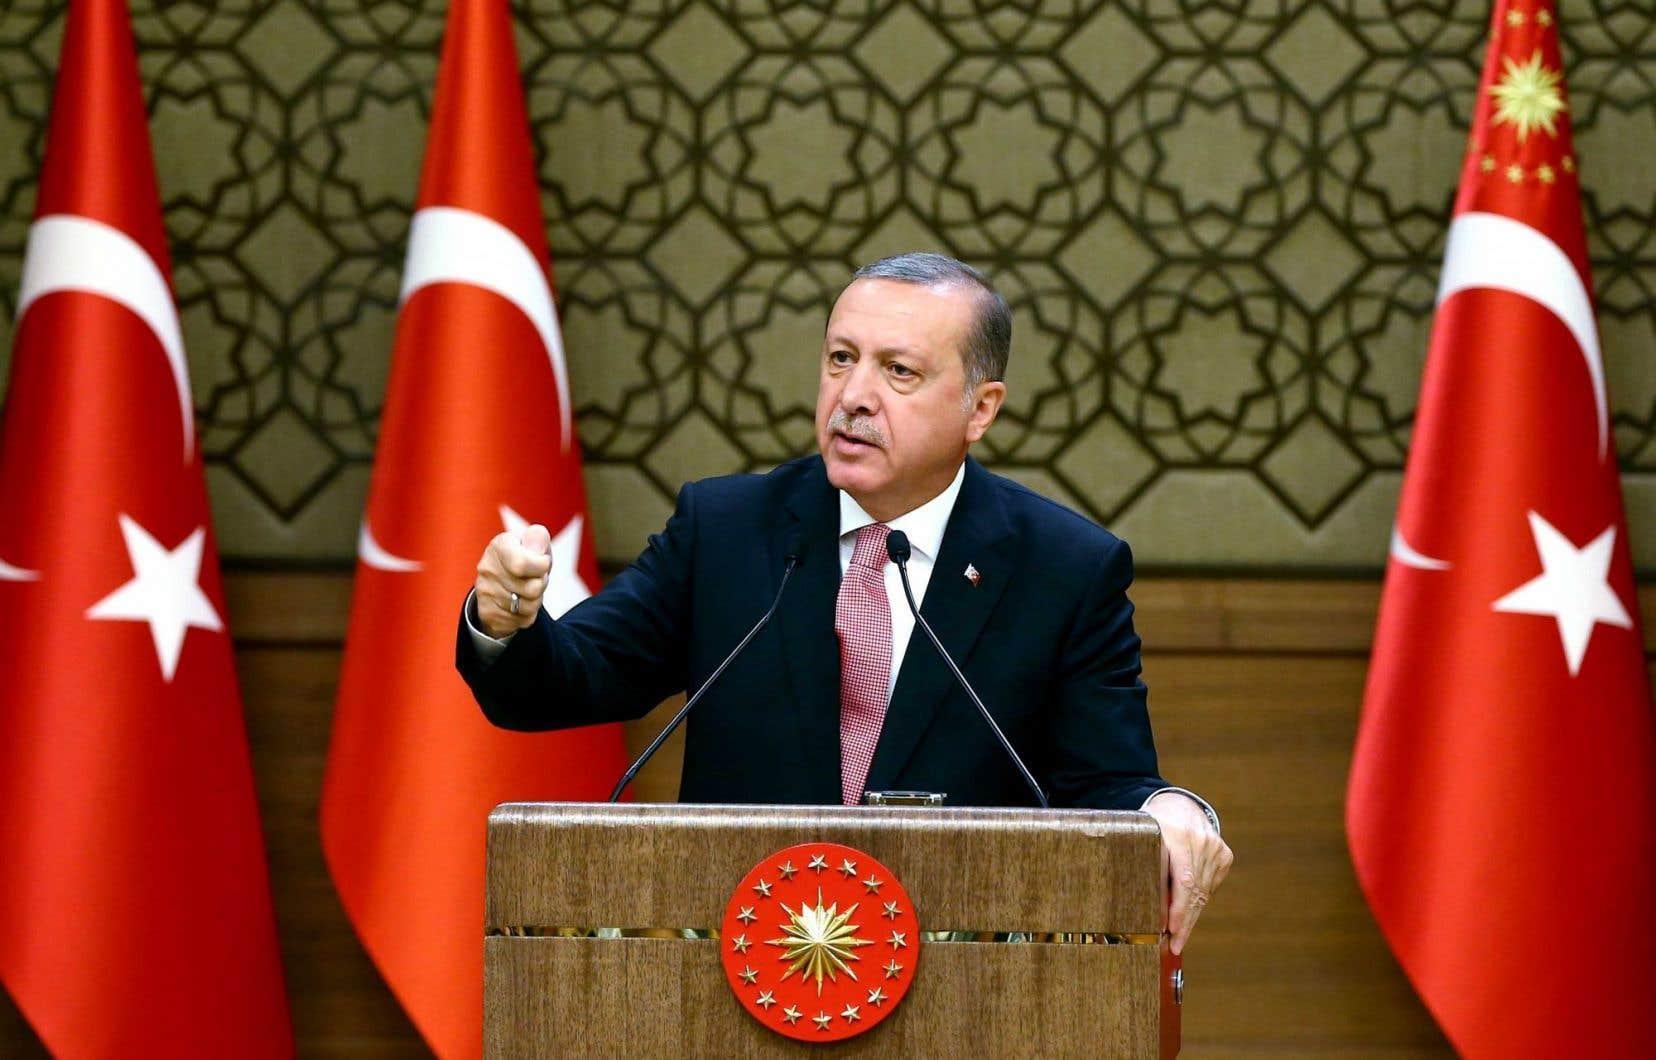 M. Erdogan s'en est également pris à l'Union européenne (UE) «qui n'a pas rempli ses promesses» en ce qui concerne le versement de 3 milliards d'euros dans le cadre de l'accord sur les migrants et des visas facilités pour les Turcs.